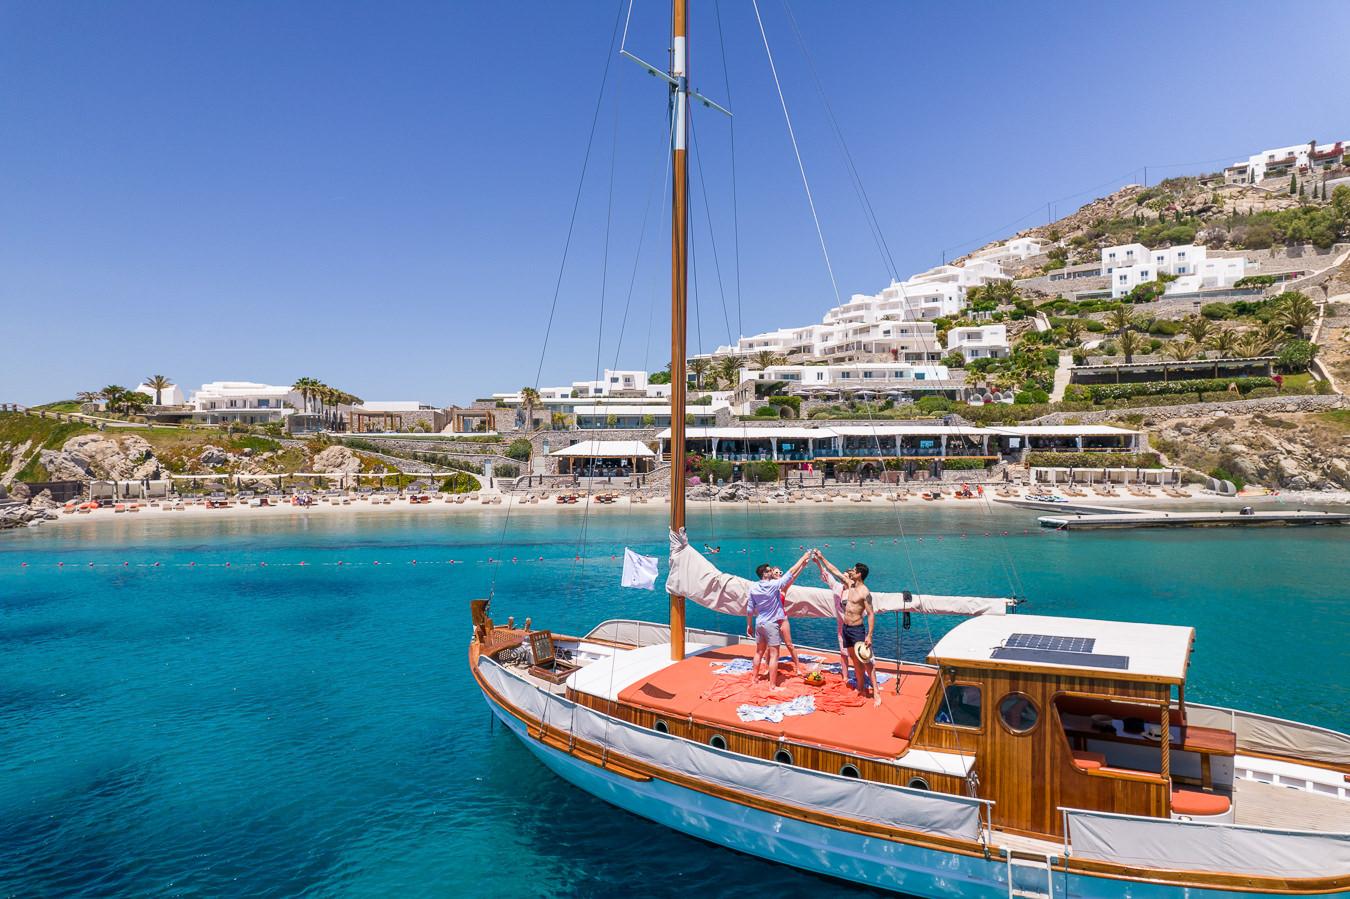 Santa Marina, a Luxury Collection Resort, Mykonos, Γιώργος Φάκαρος - Αρχιτεκτονική Φωτογραφία | Εσωτερικοί Χώροι | Φωτογραφία Ξενοδοχειών - Photography / Φωτογραφία